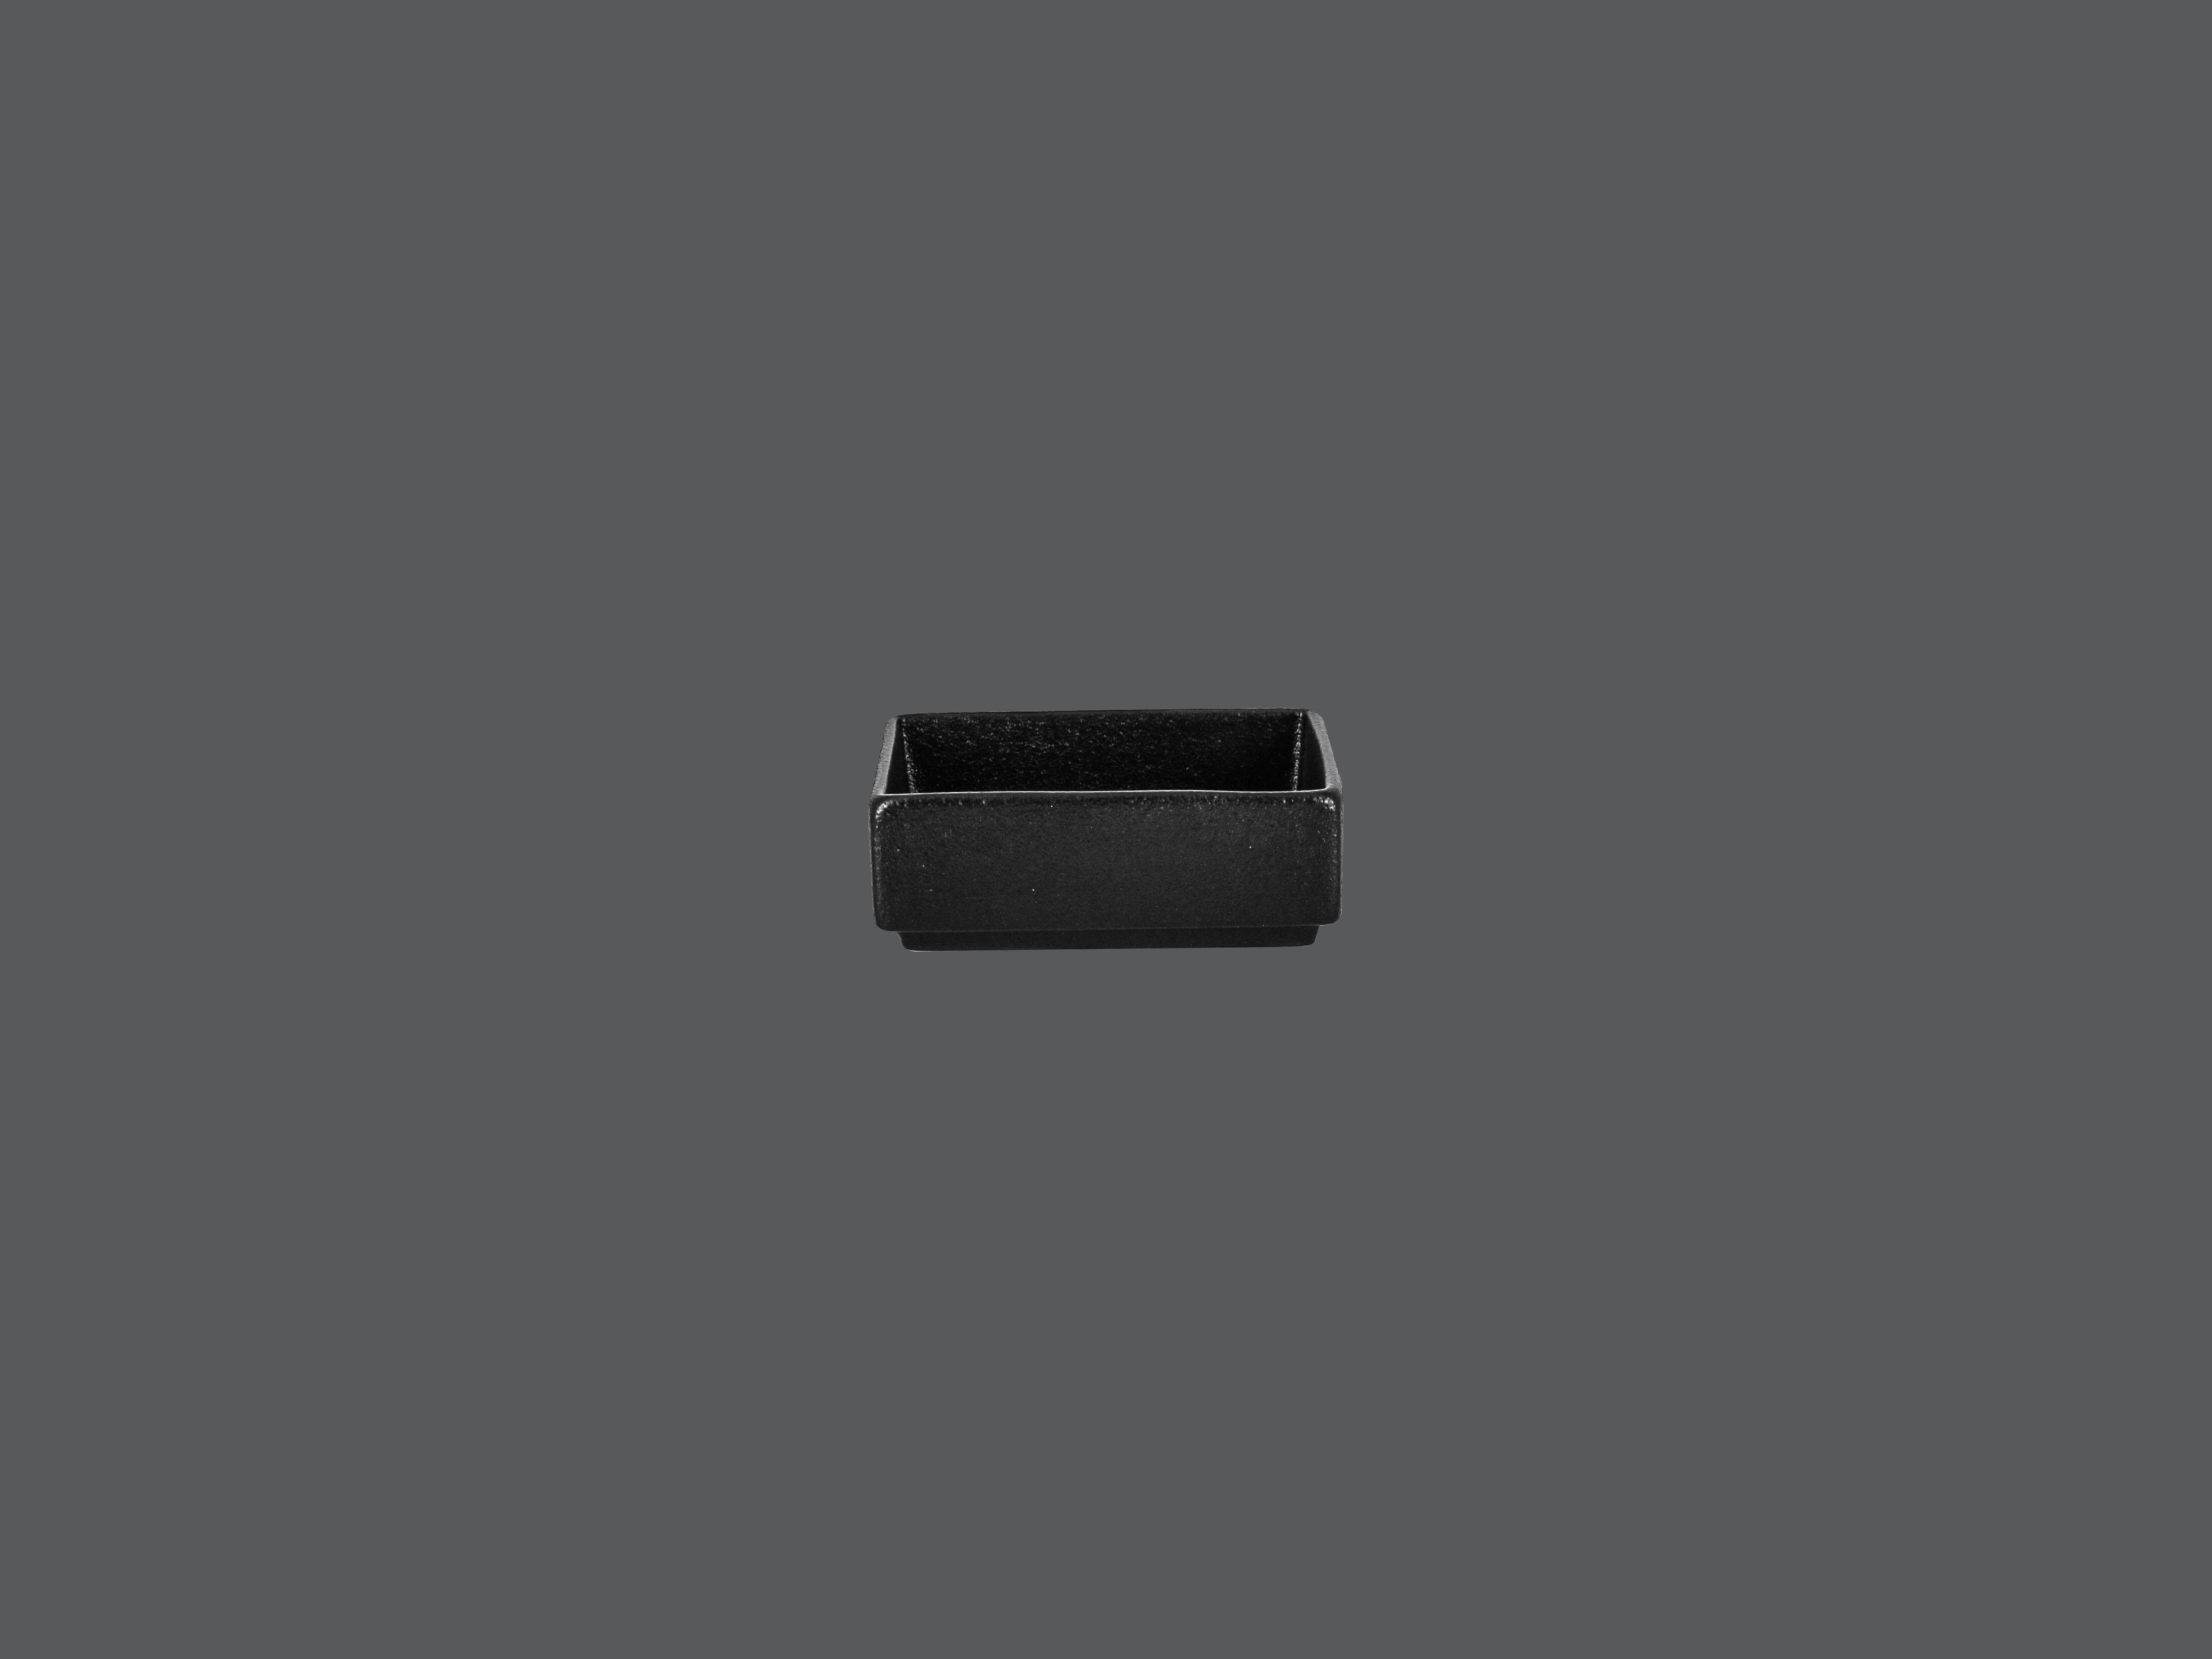 Sensation miska čtvercová pro čtvercové talíře - GOMA